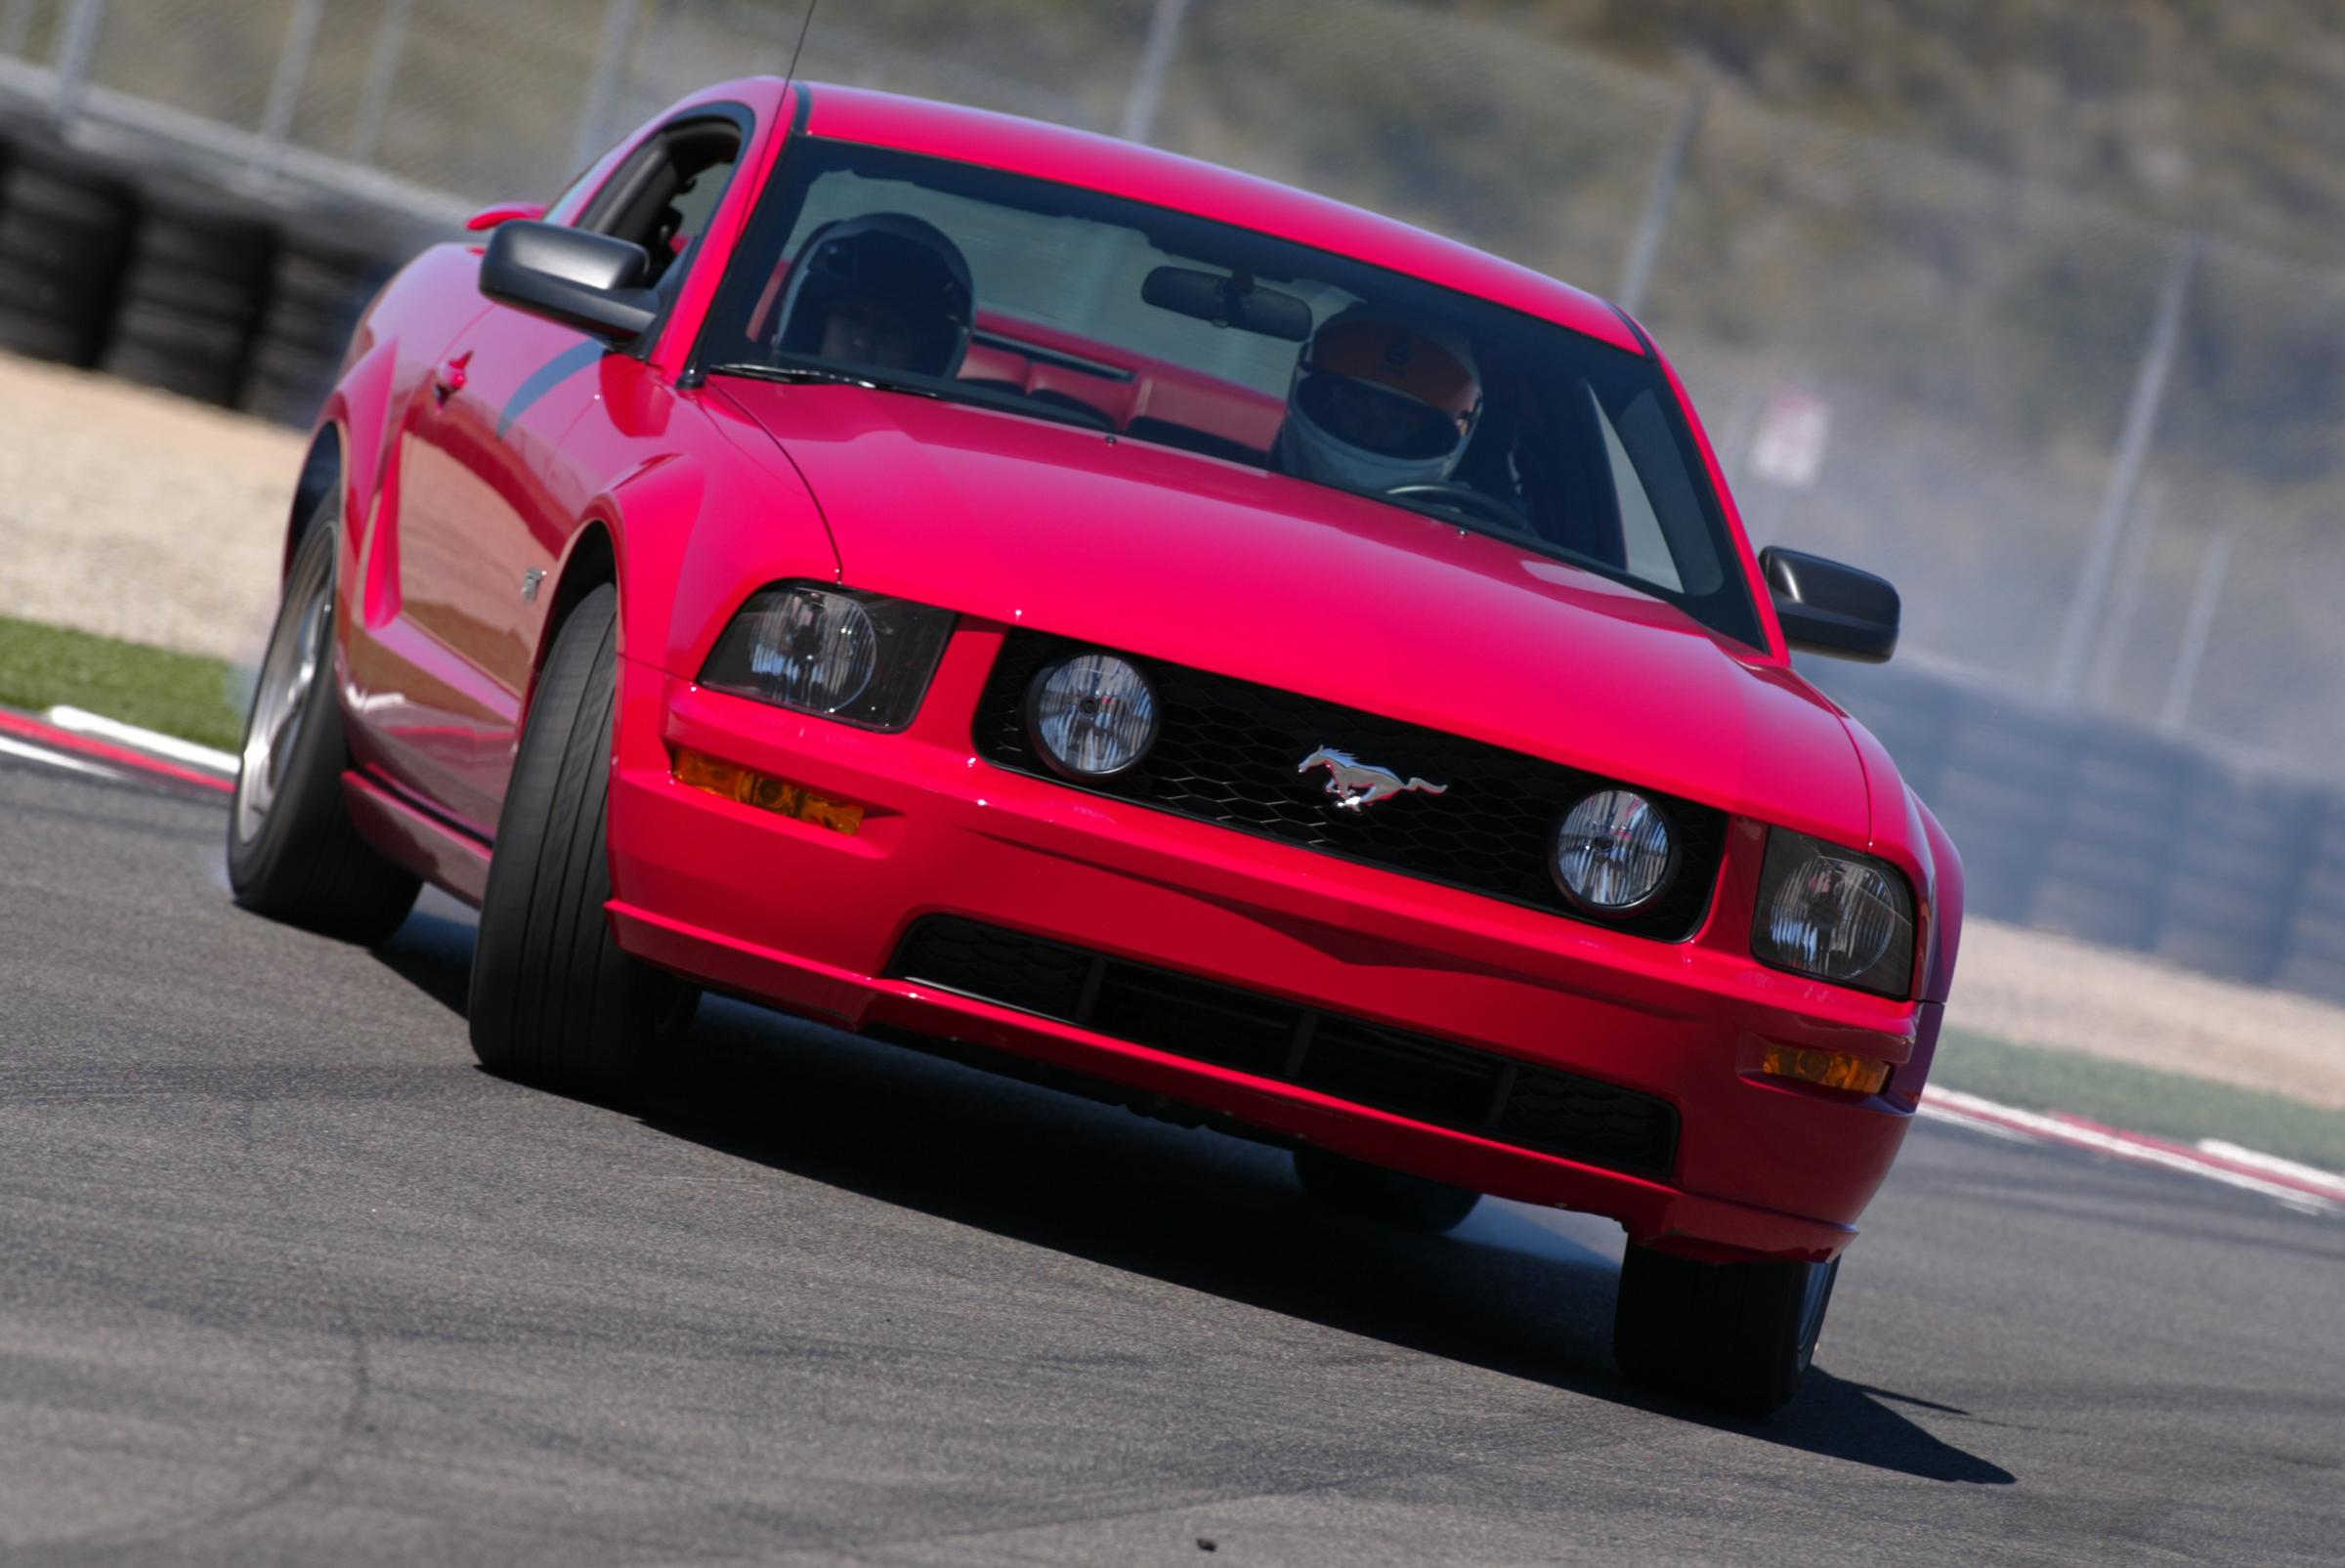 2005 Ford Mustang Laguna Seca